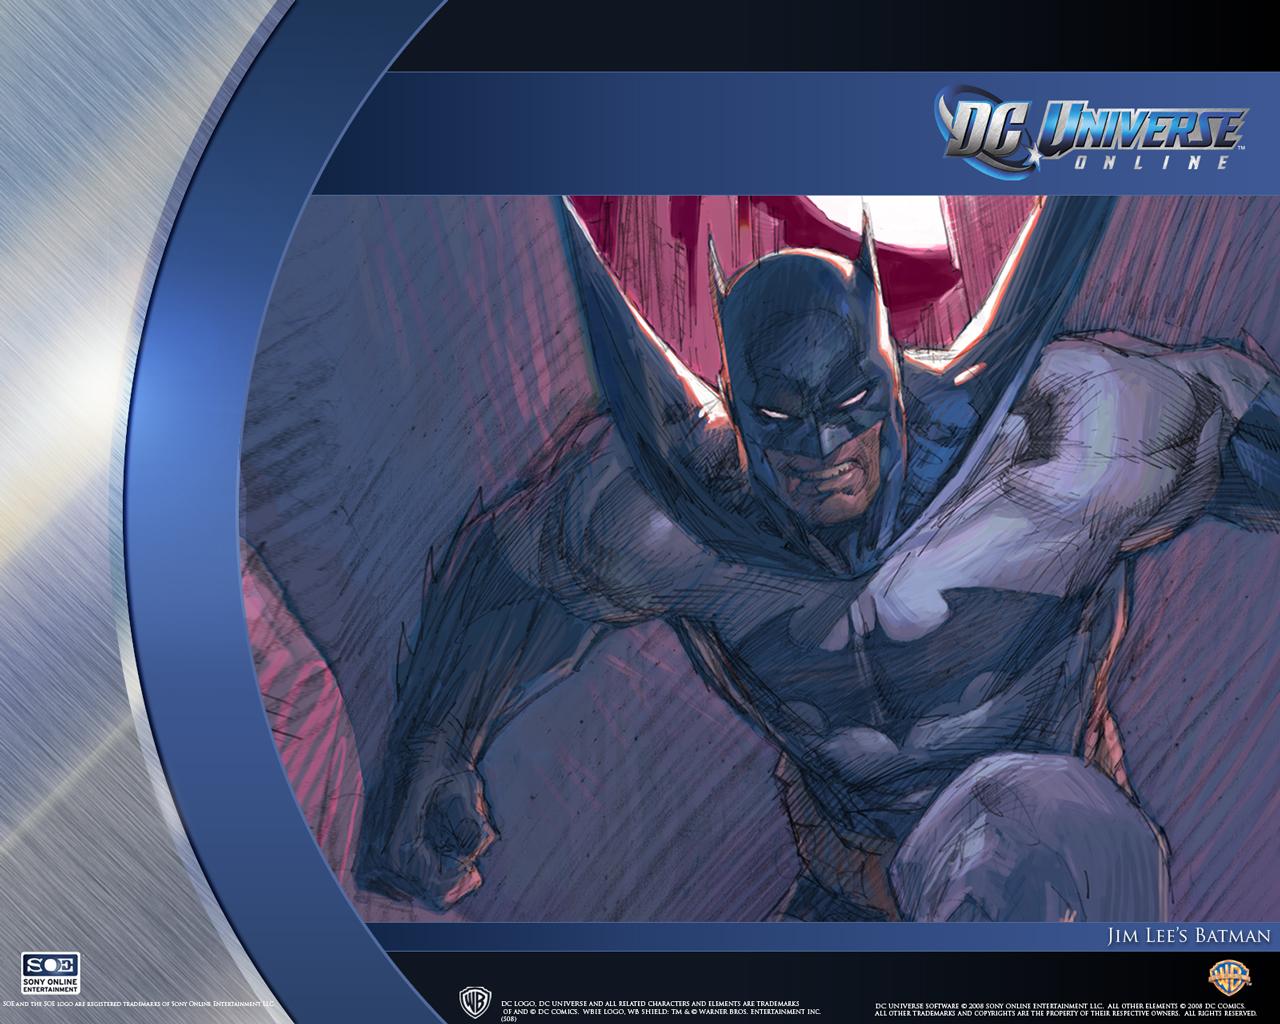 Jim Lees Batman